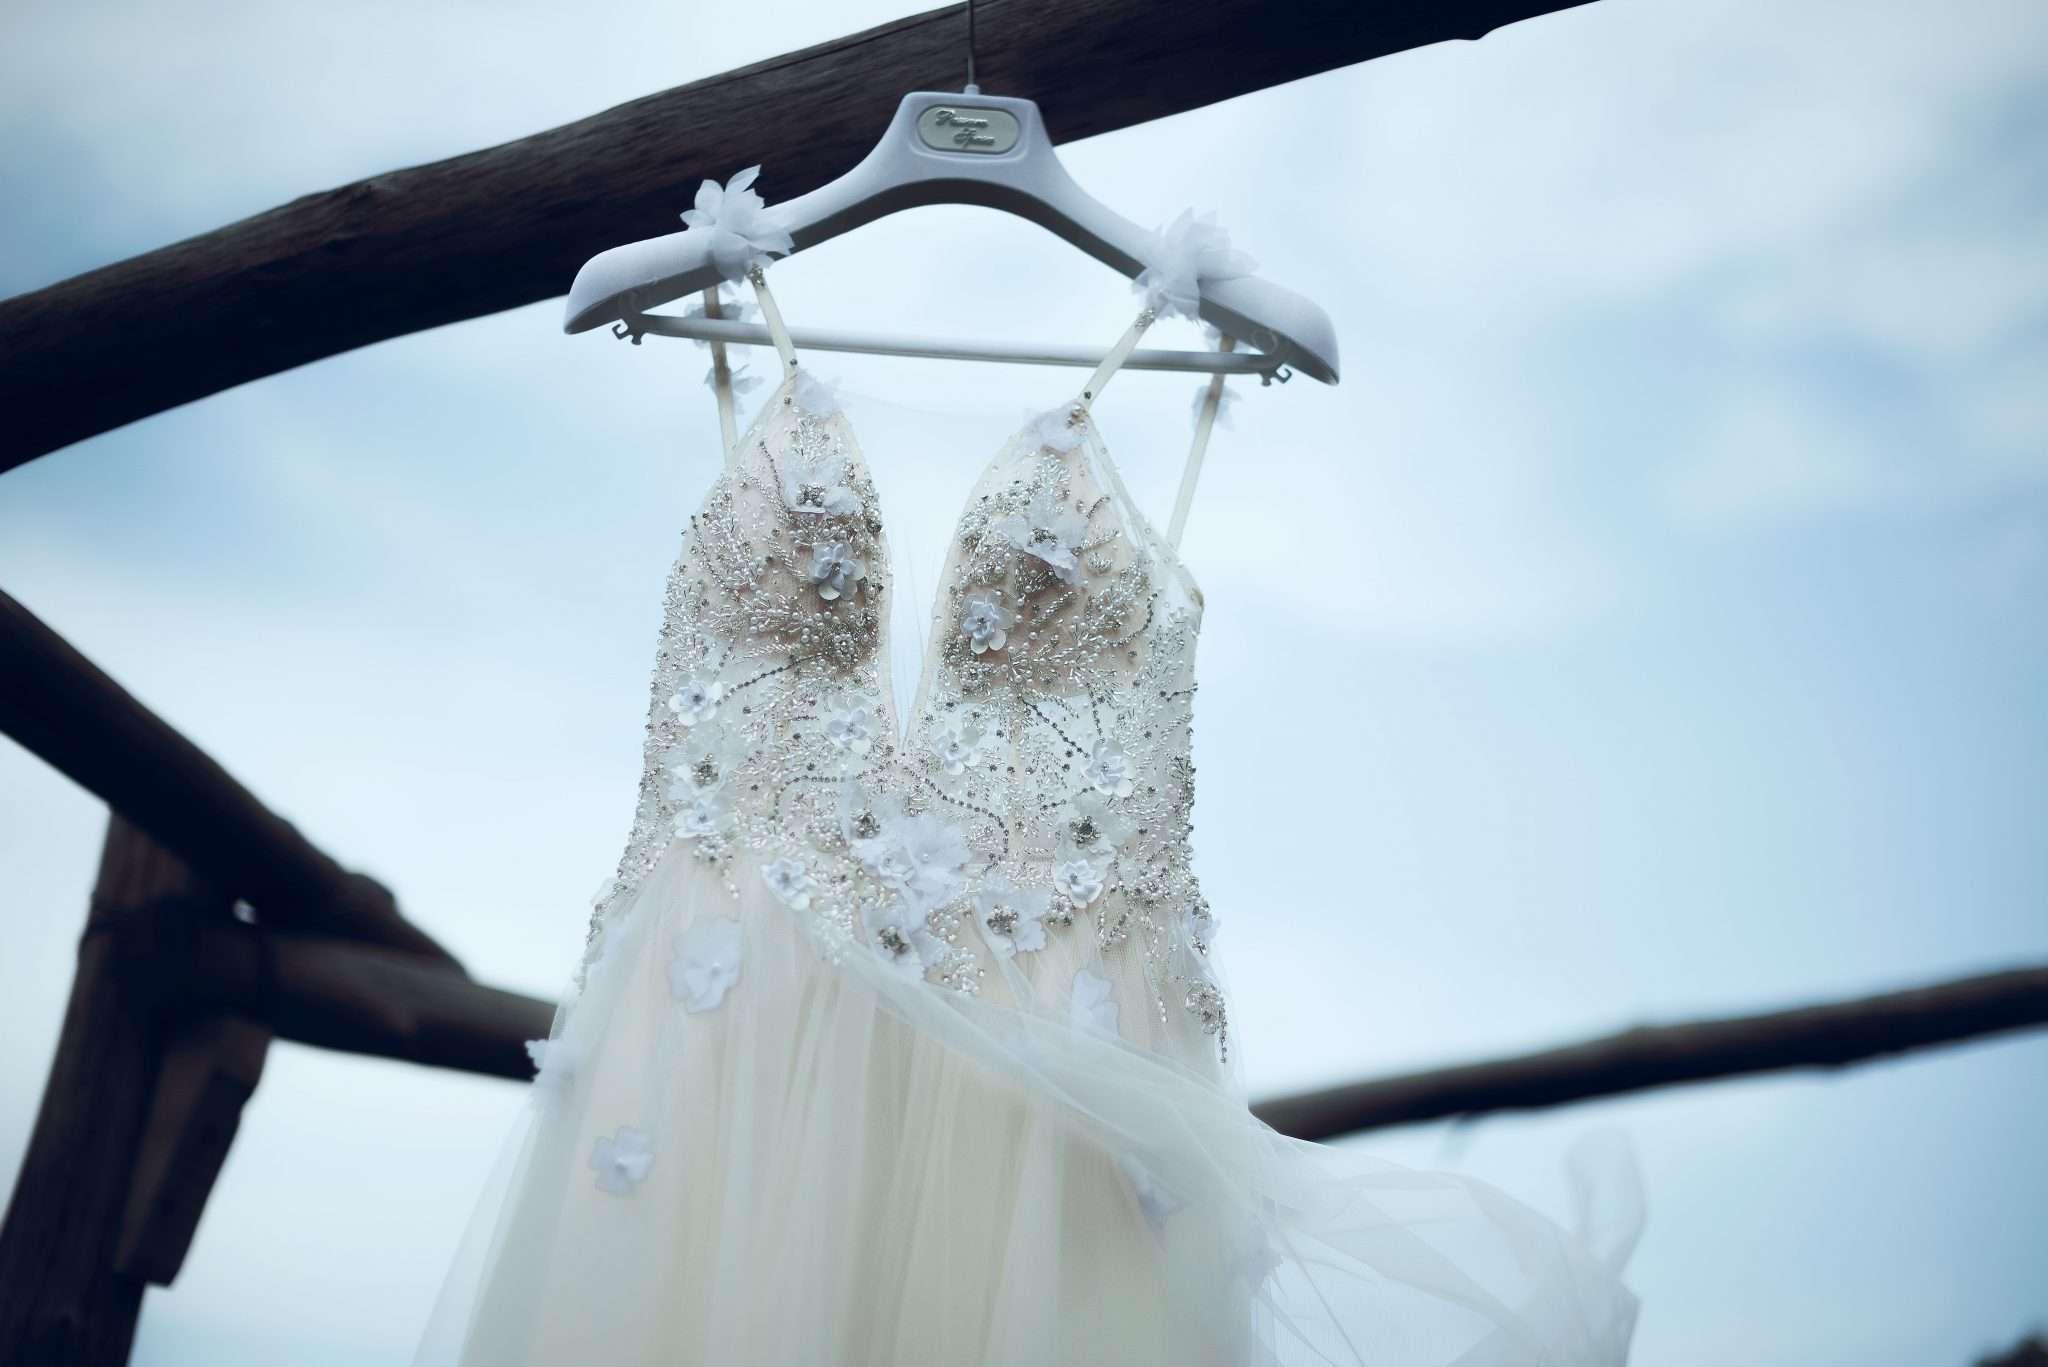 Fotografia vestito sposa wedding reportage realizzata da Barbara Trincone fotografa professionista con studio a Pozzuoli - Napoli